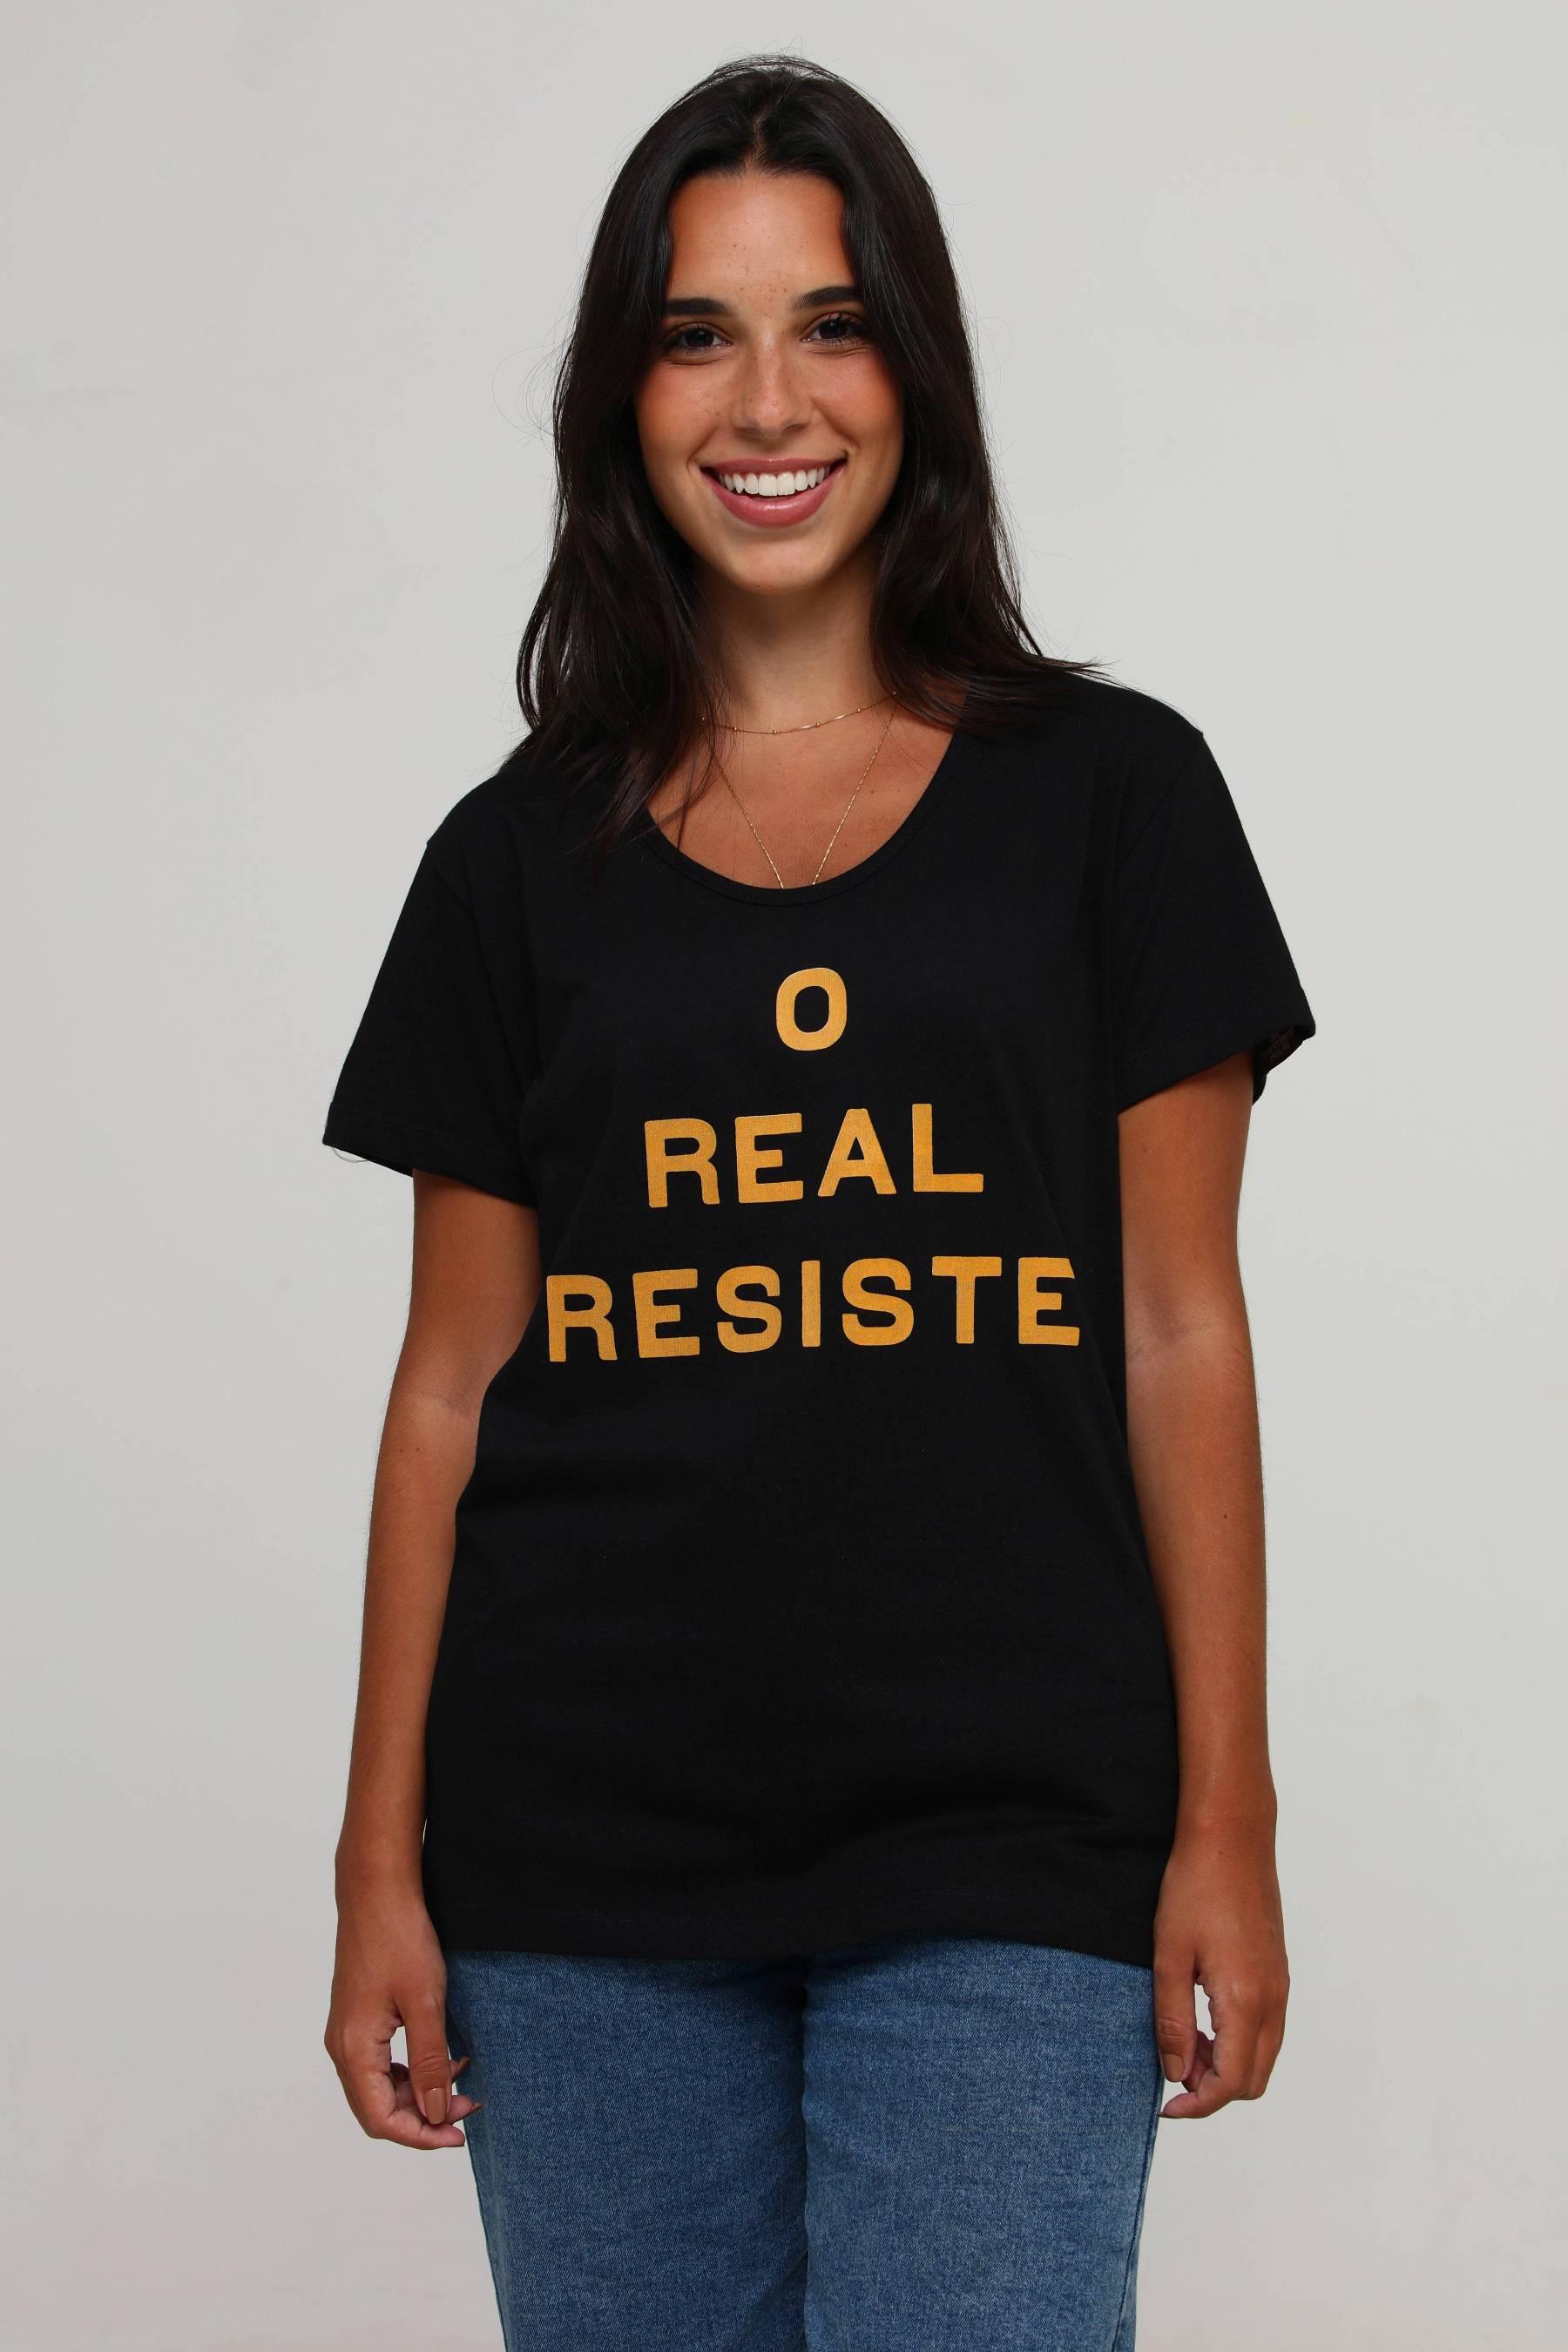 Camiseta O Real Resiste